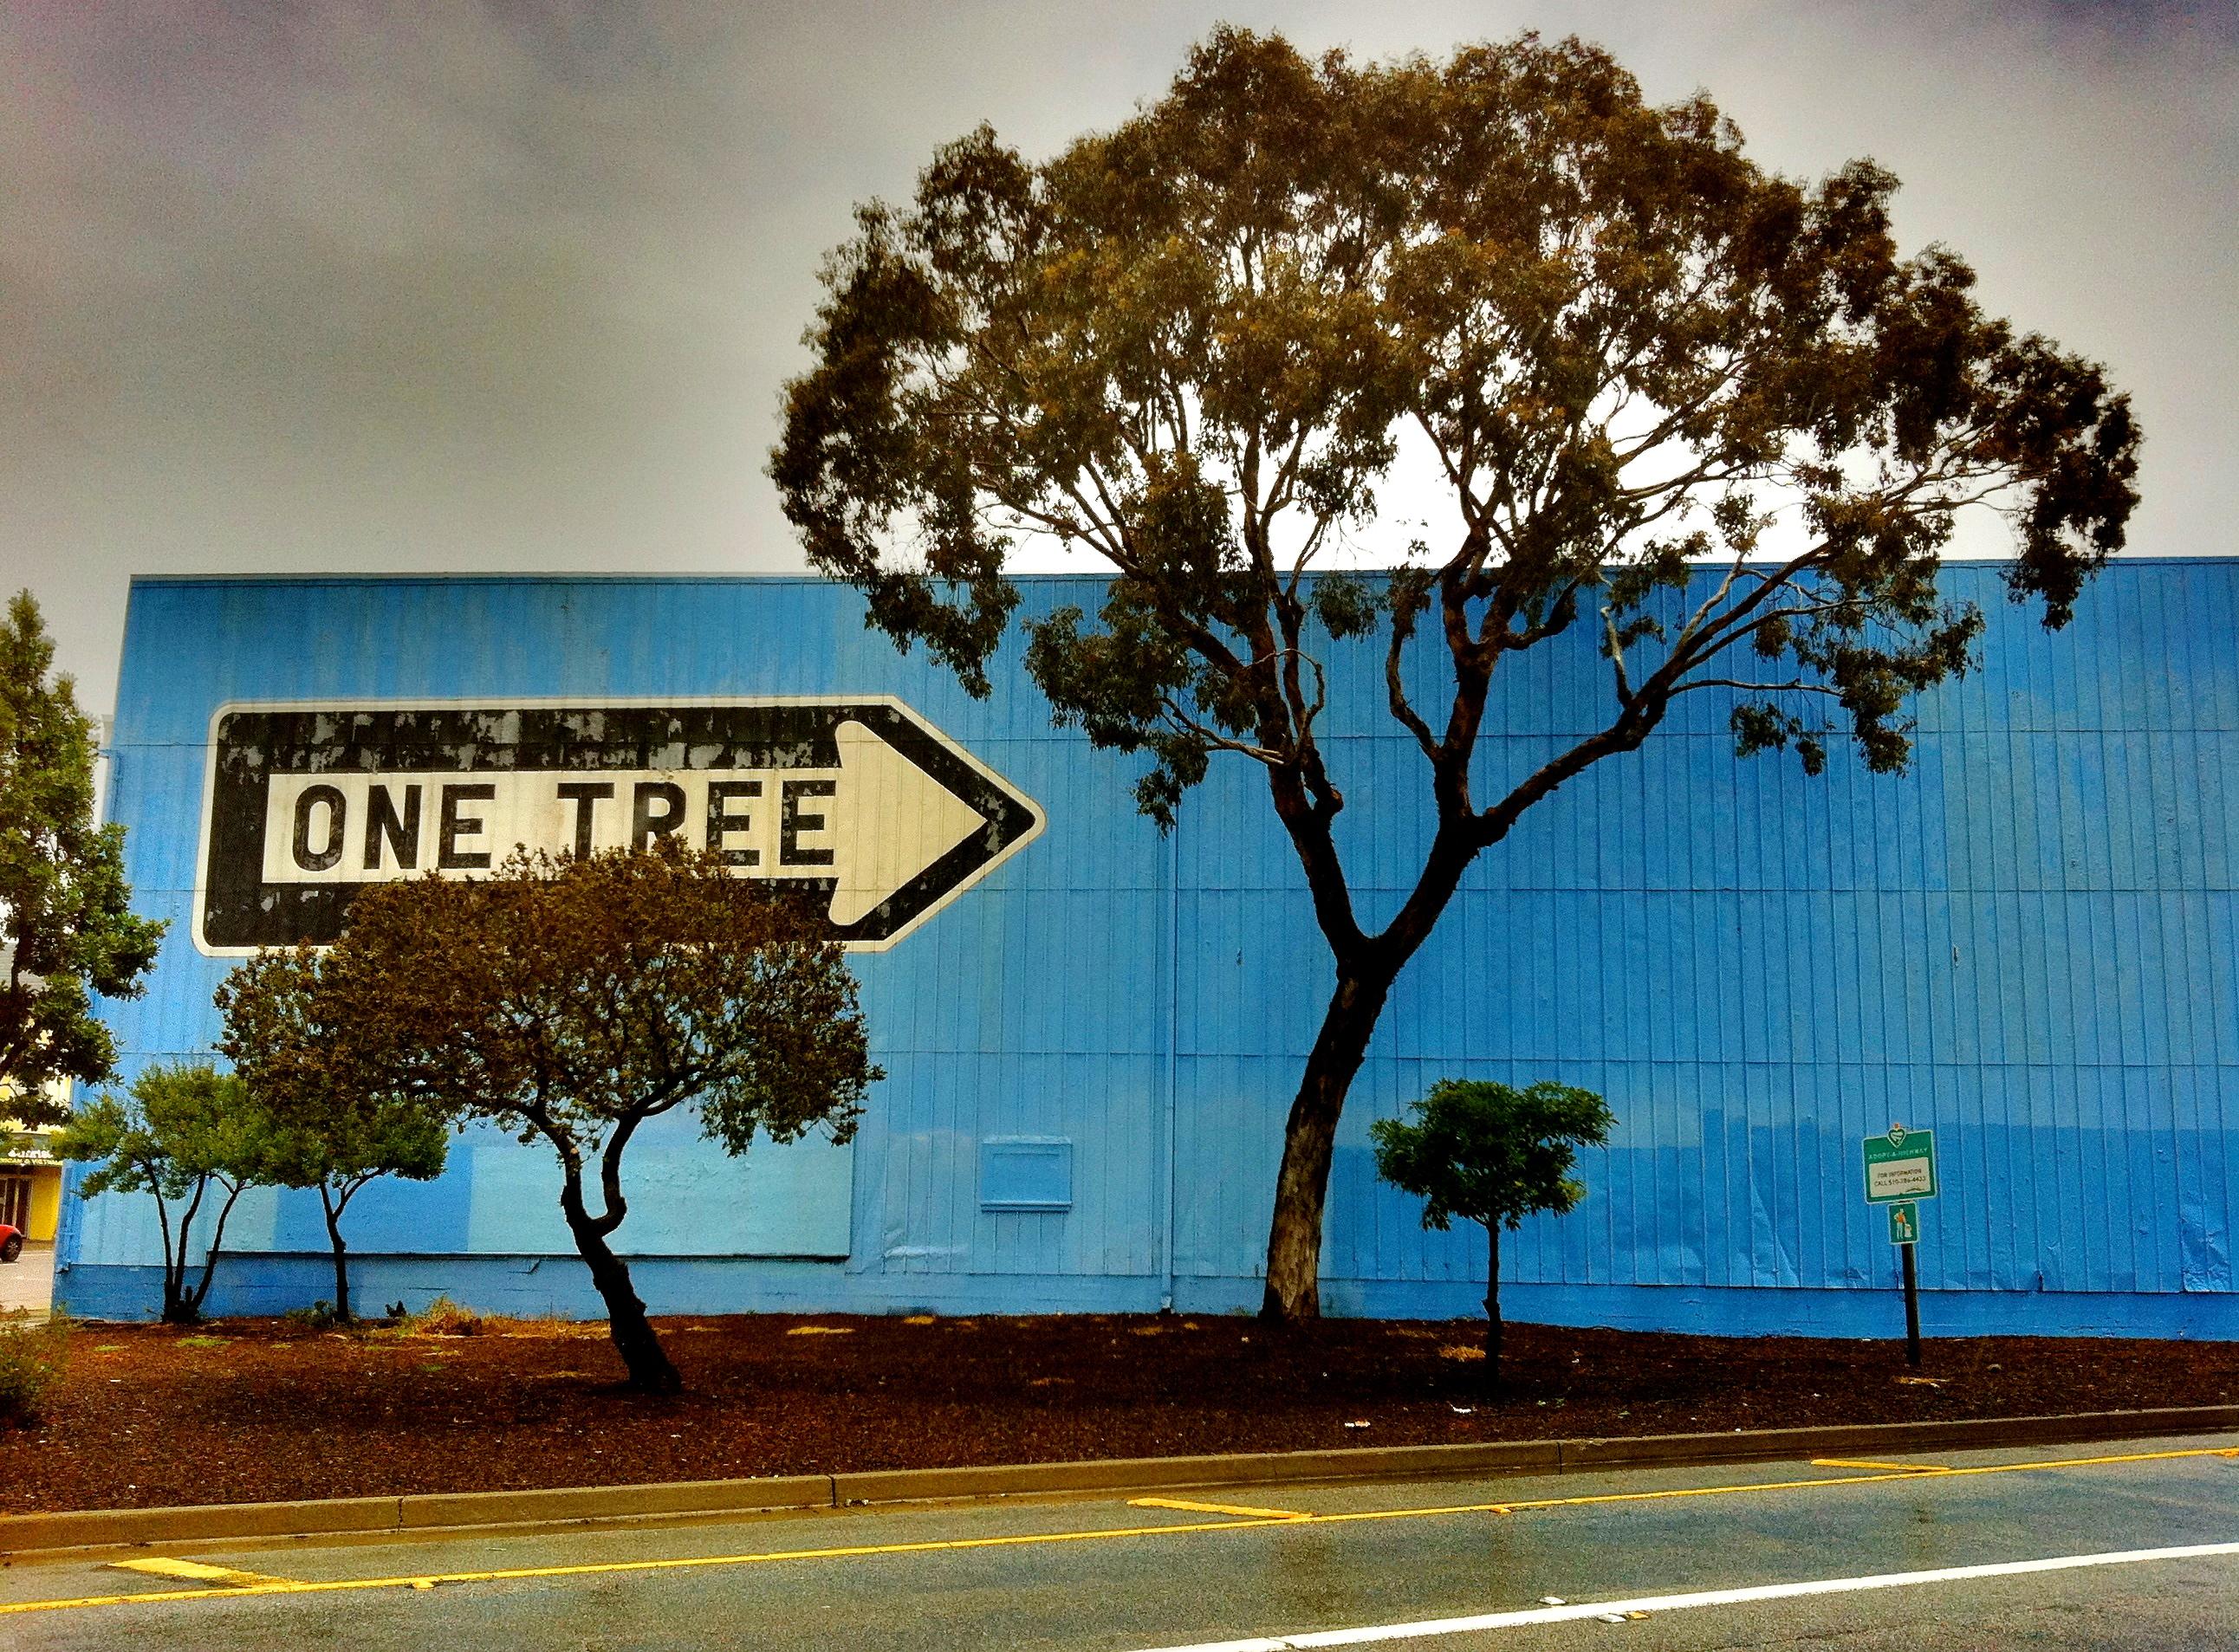 Weil es in diesem Blog nicht nur um Baumhäuser geht, sondern auch um Bäume und Häuser, heute dieses Bild. Aufgenommen 2011 in San Francisco.